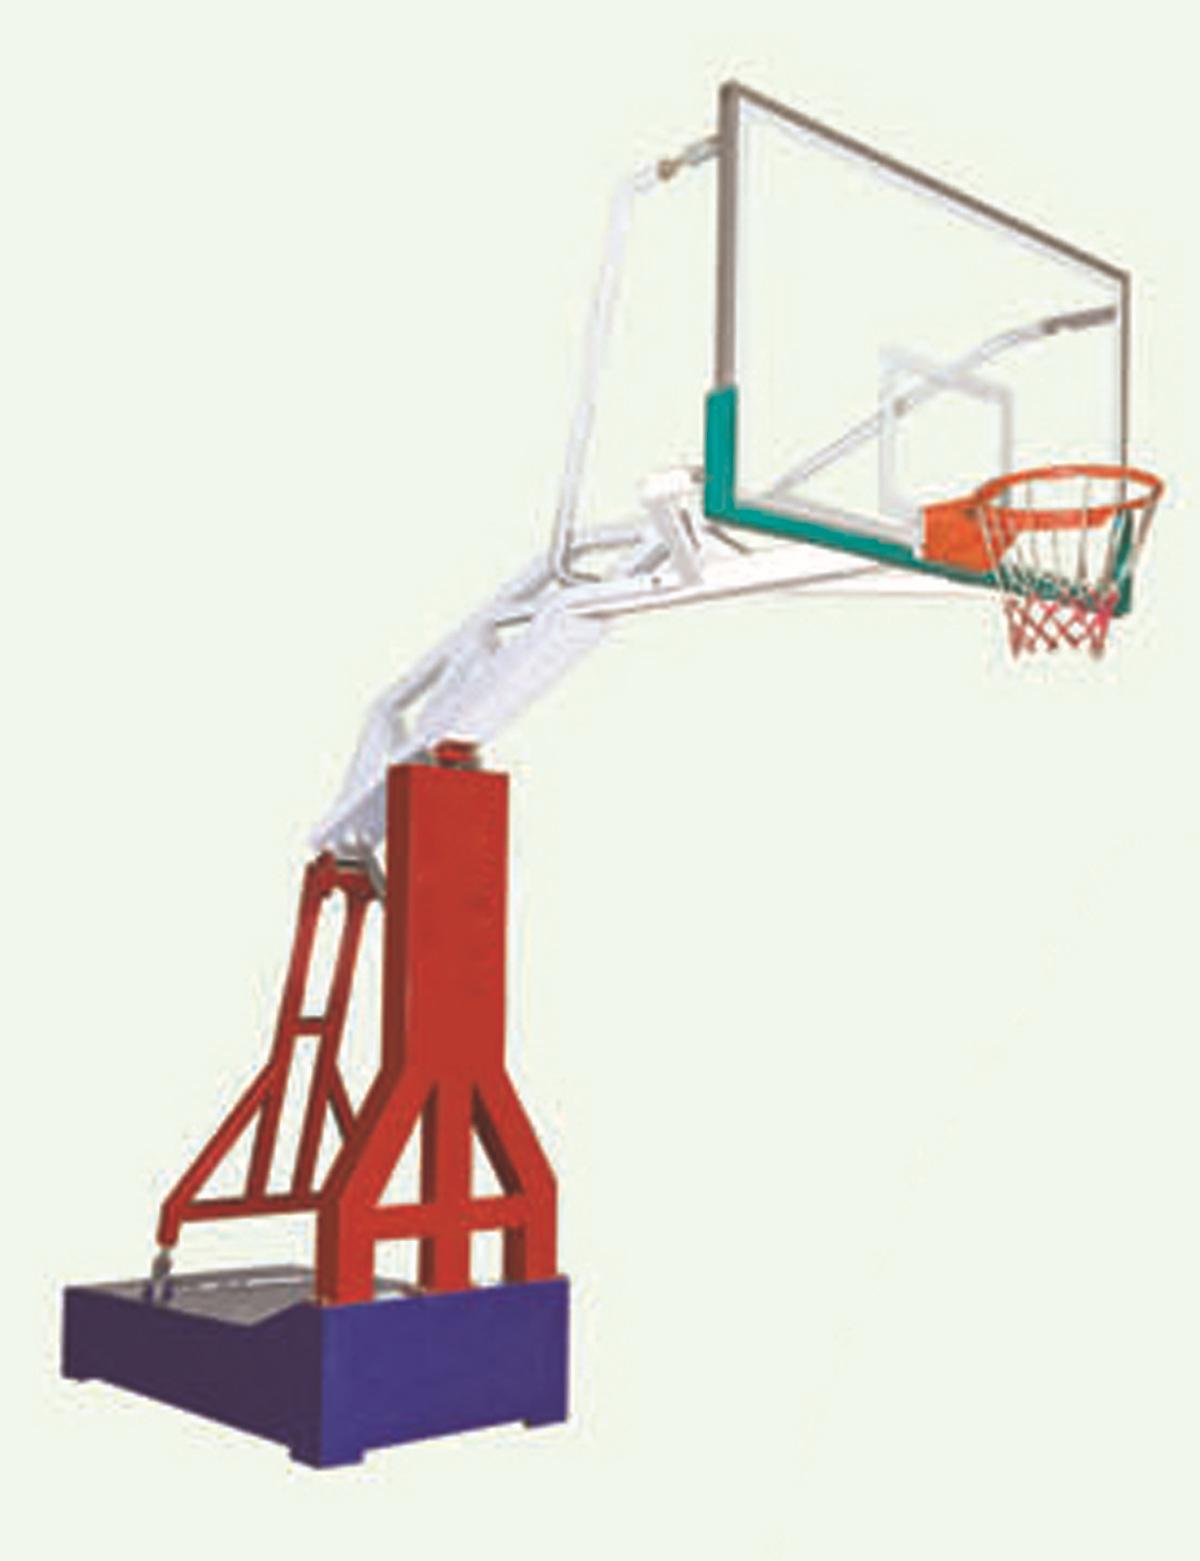 厂家直销篮球架户外休闲标准篮球架新型防液压篮球架比赛专用篮球架图片